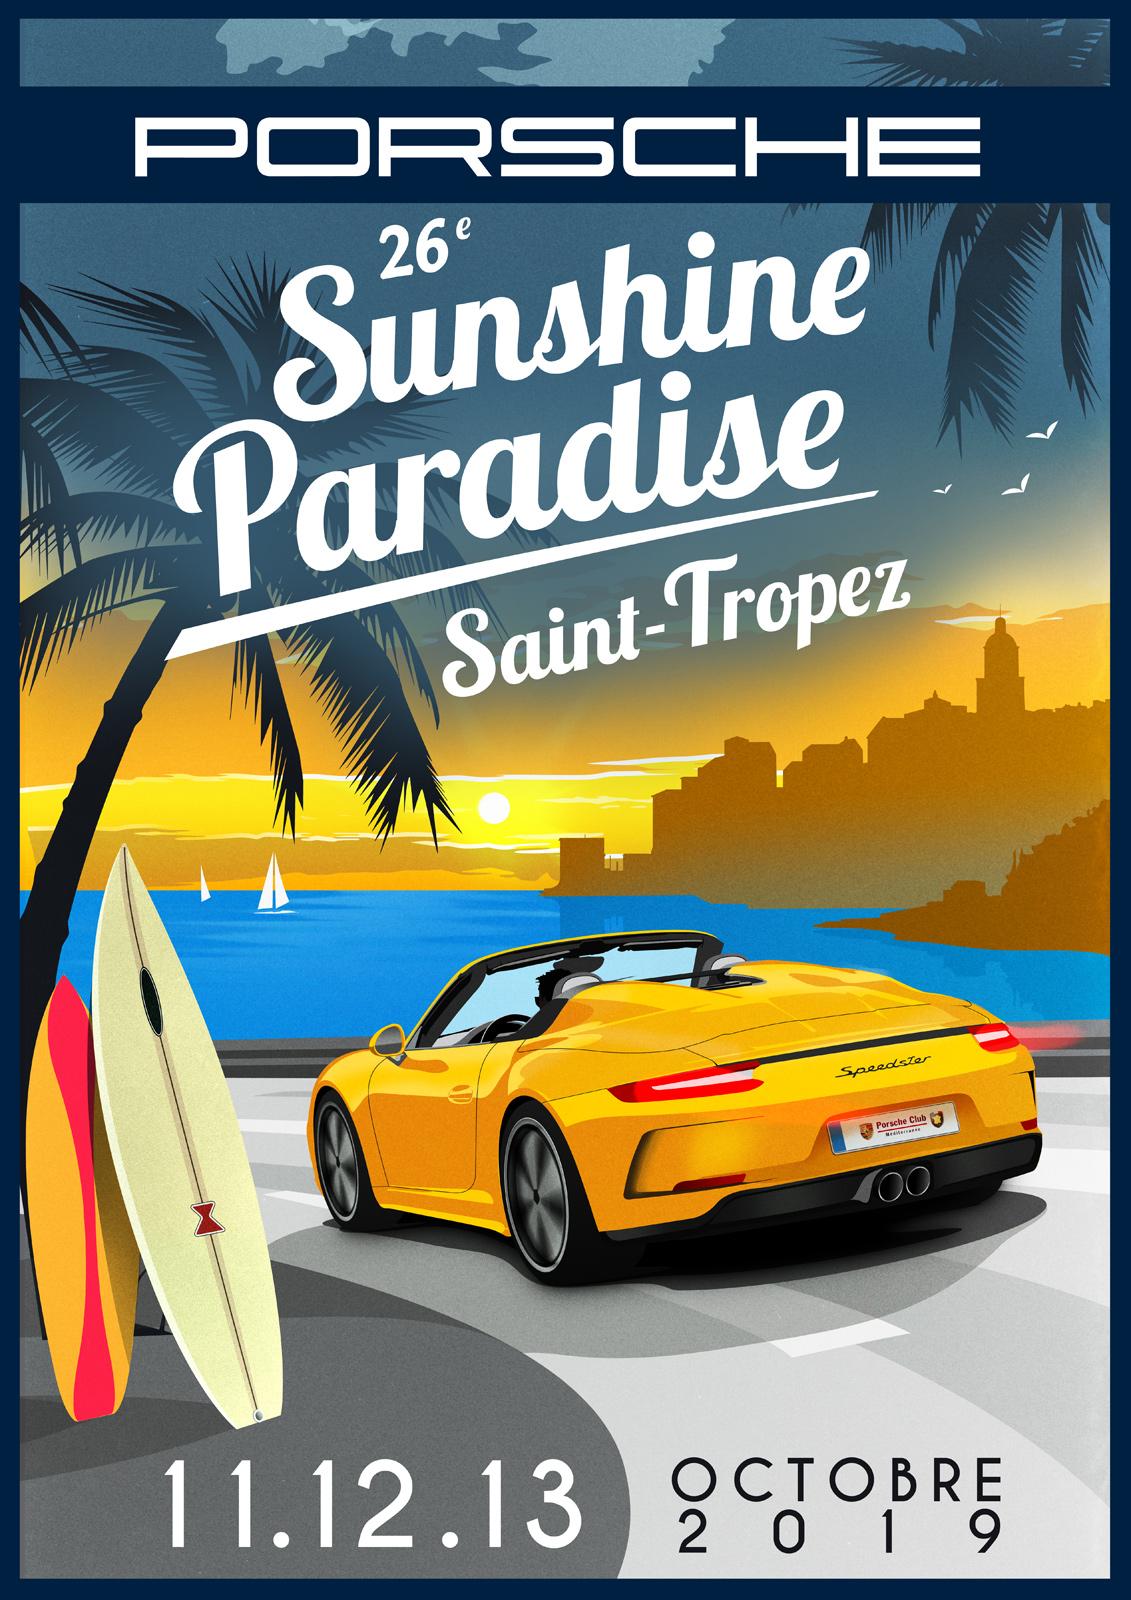 Paradis Porsche